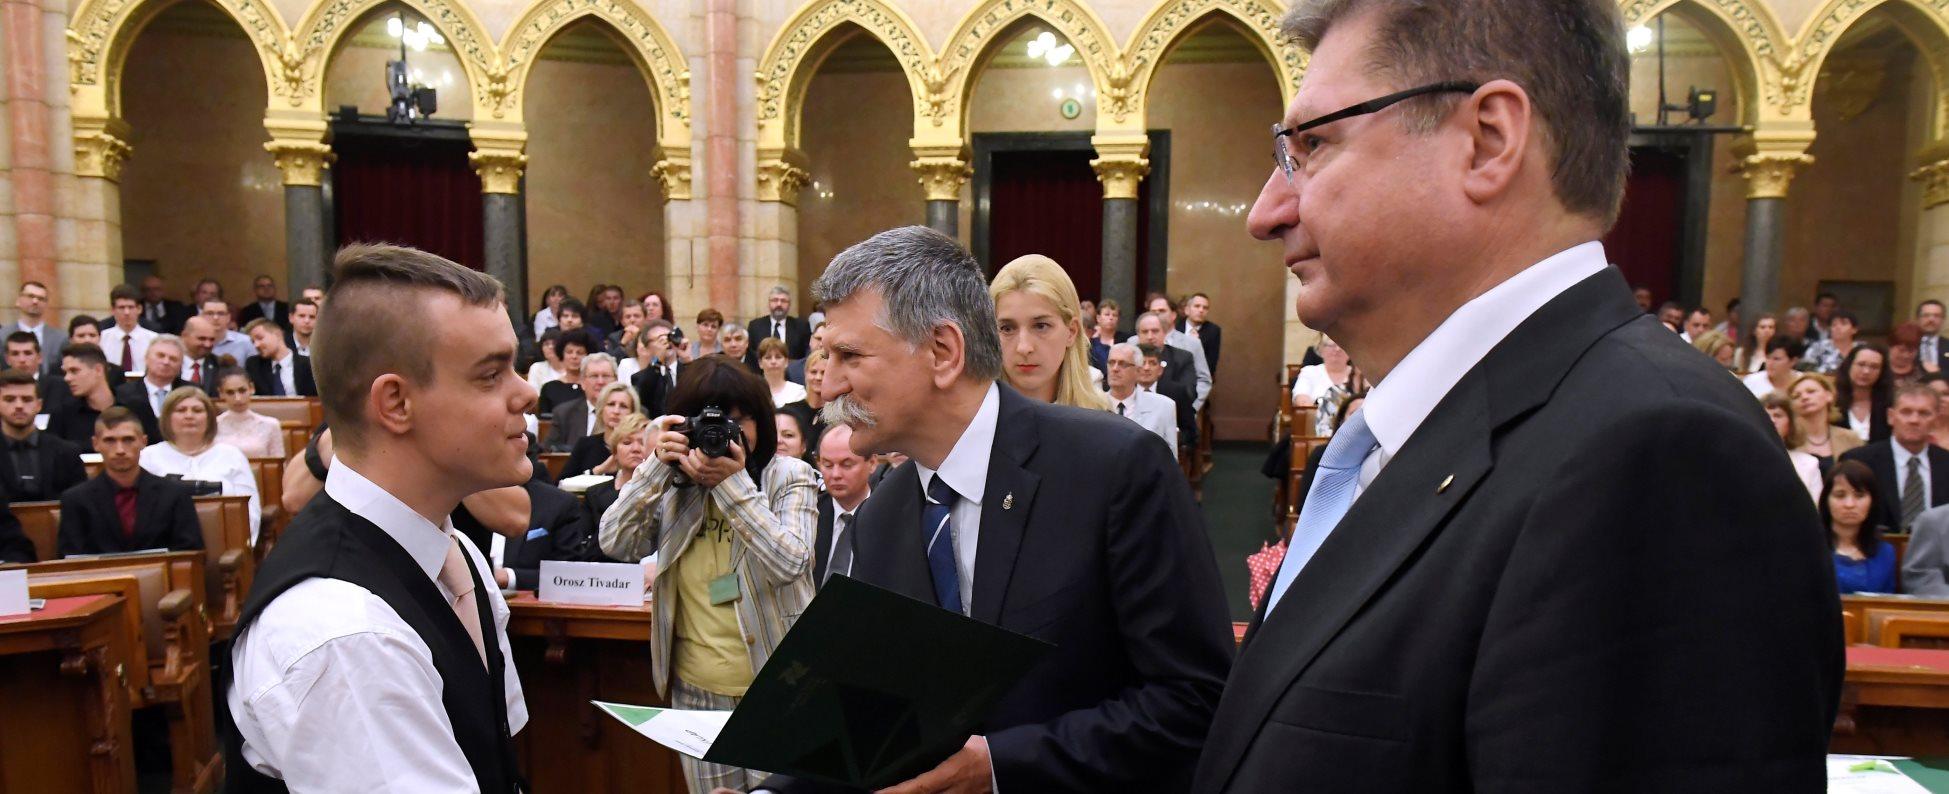 Átadták a Szakma Sztár Fesztivál versenyeinek díjait az Országházban